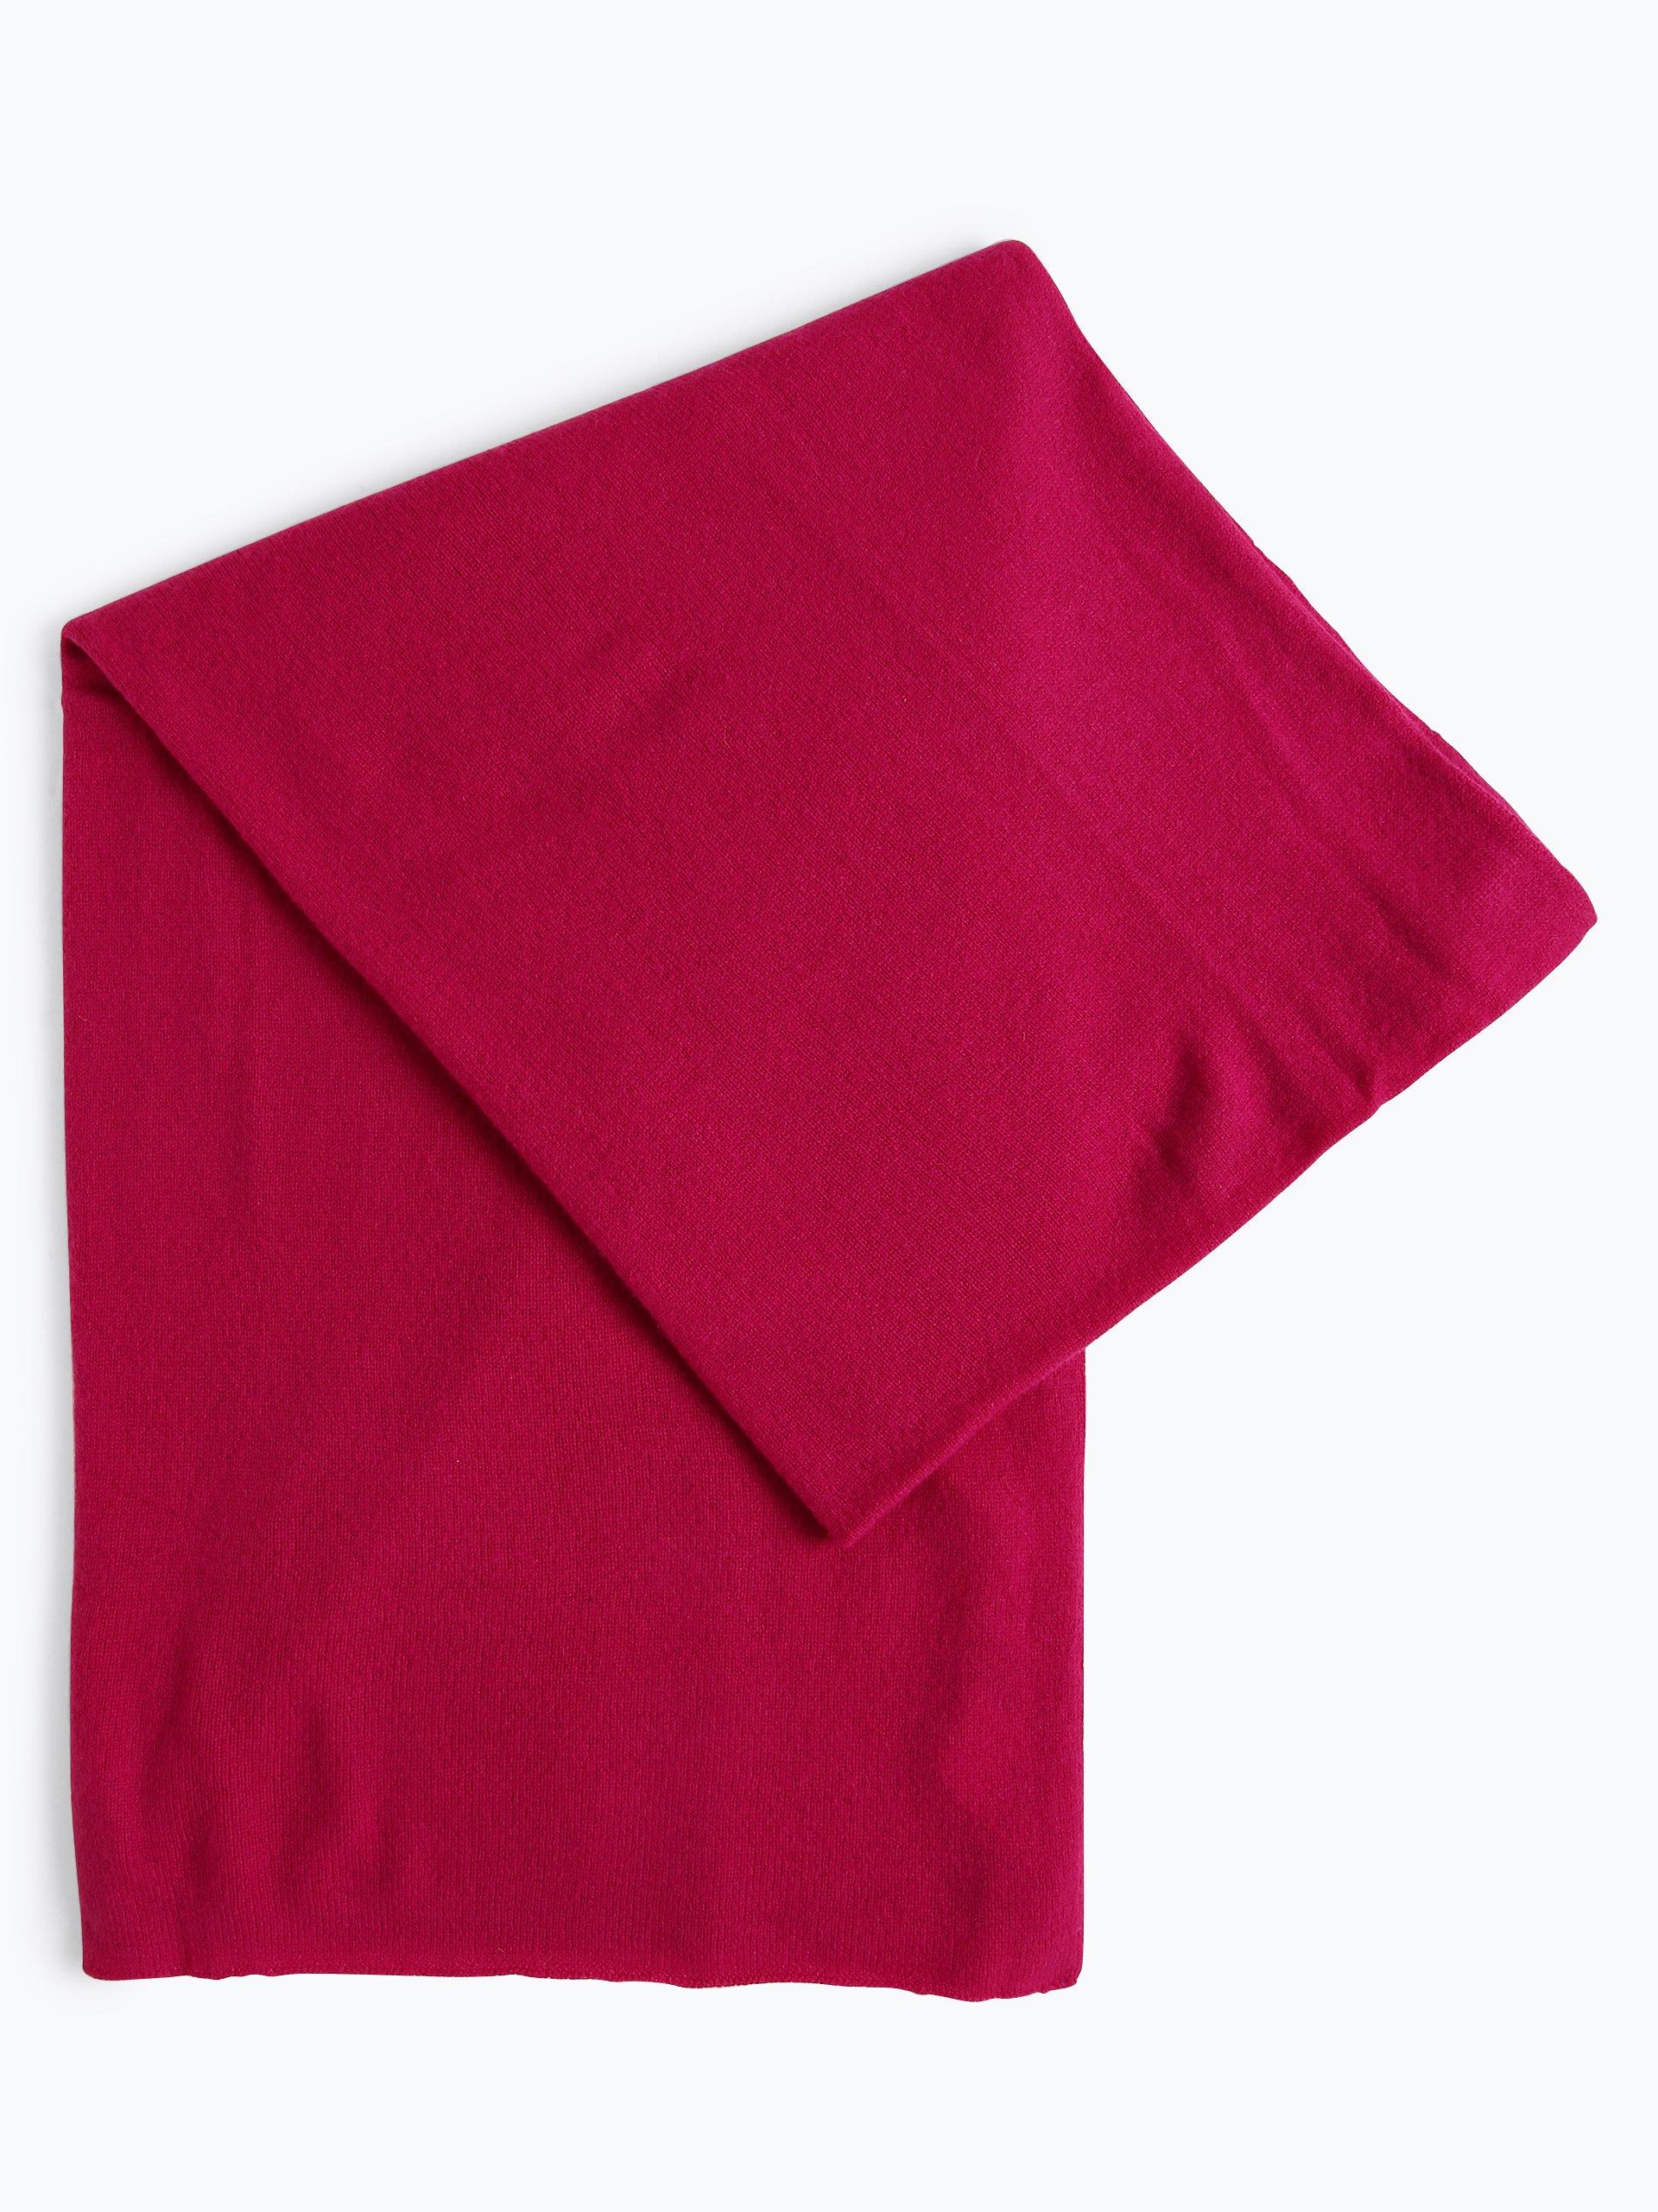 SvB Exquisit Damen Pure Cashmere Schal